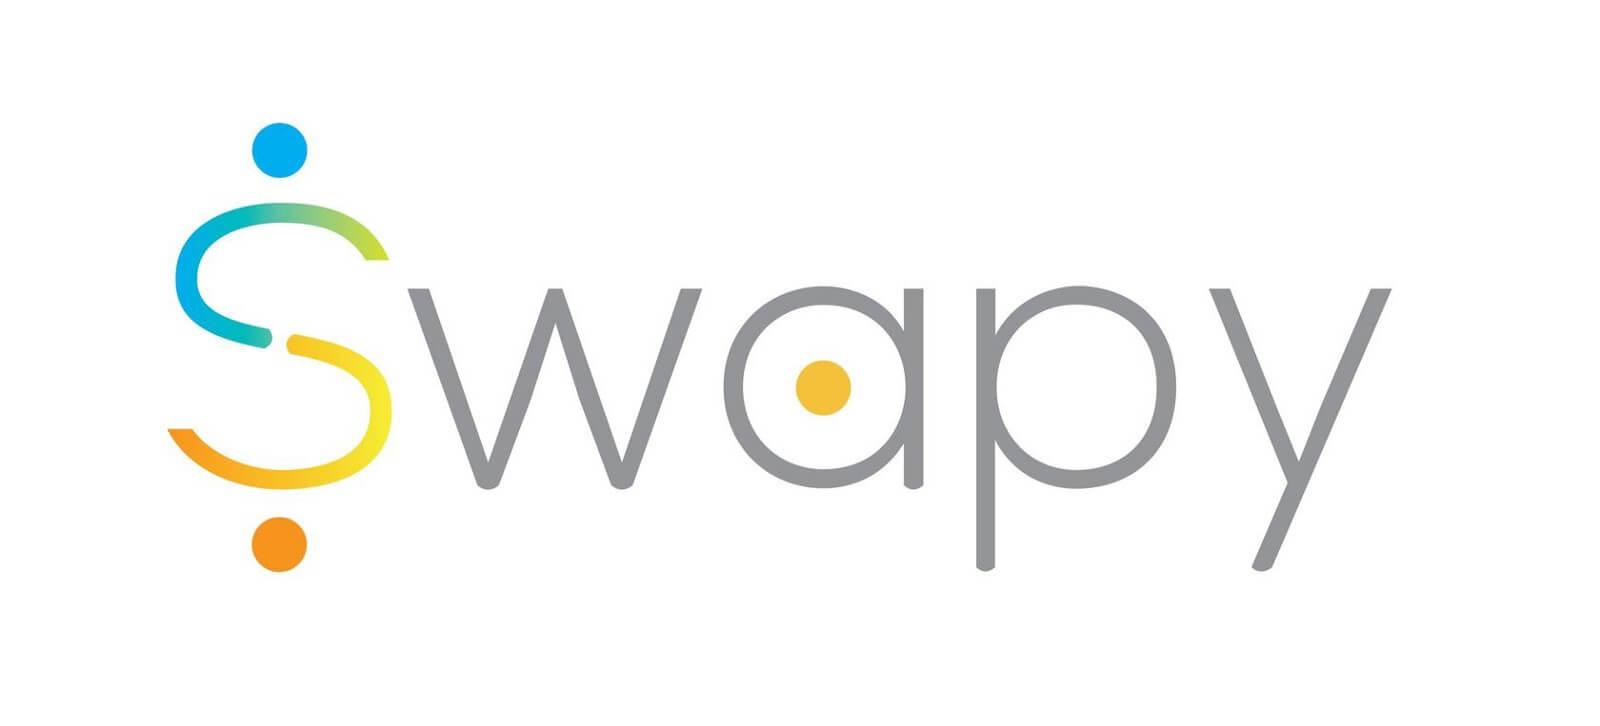 مشروع Swapy Network لتوفير خدمات الائتمان للجميع بإستخدام تكنولوجيا البلوكشين .